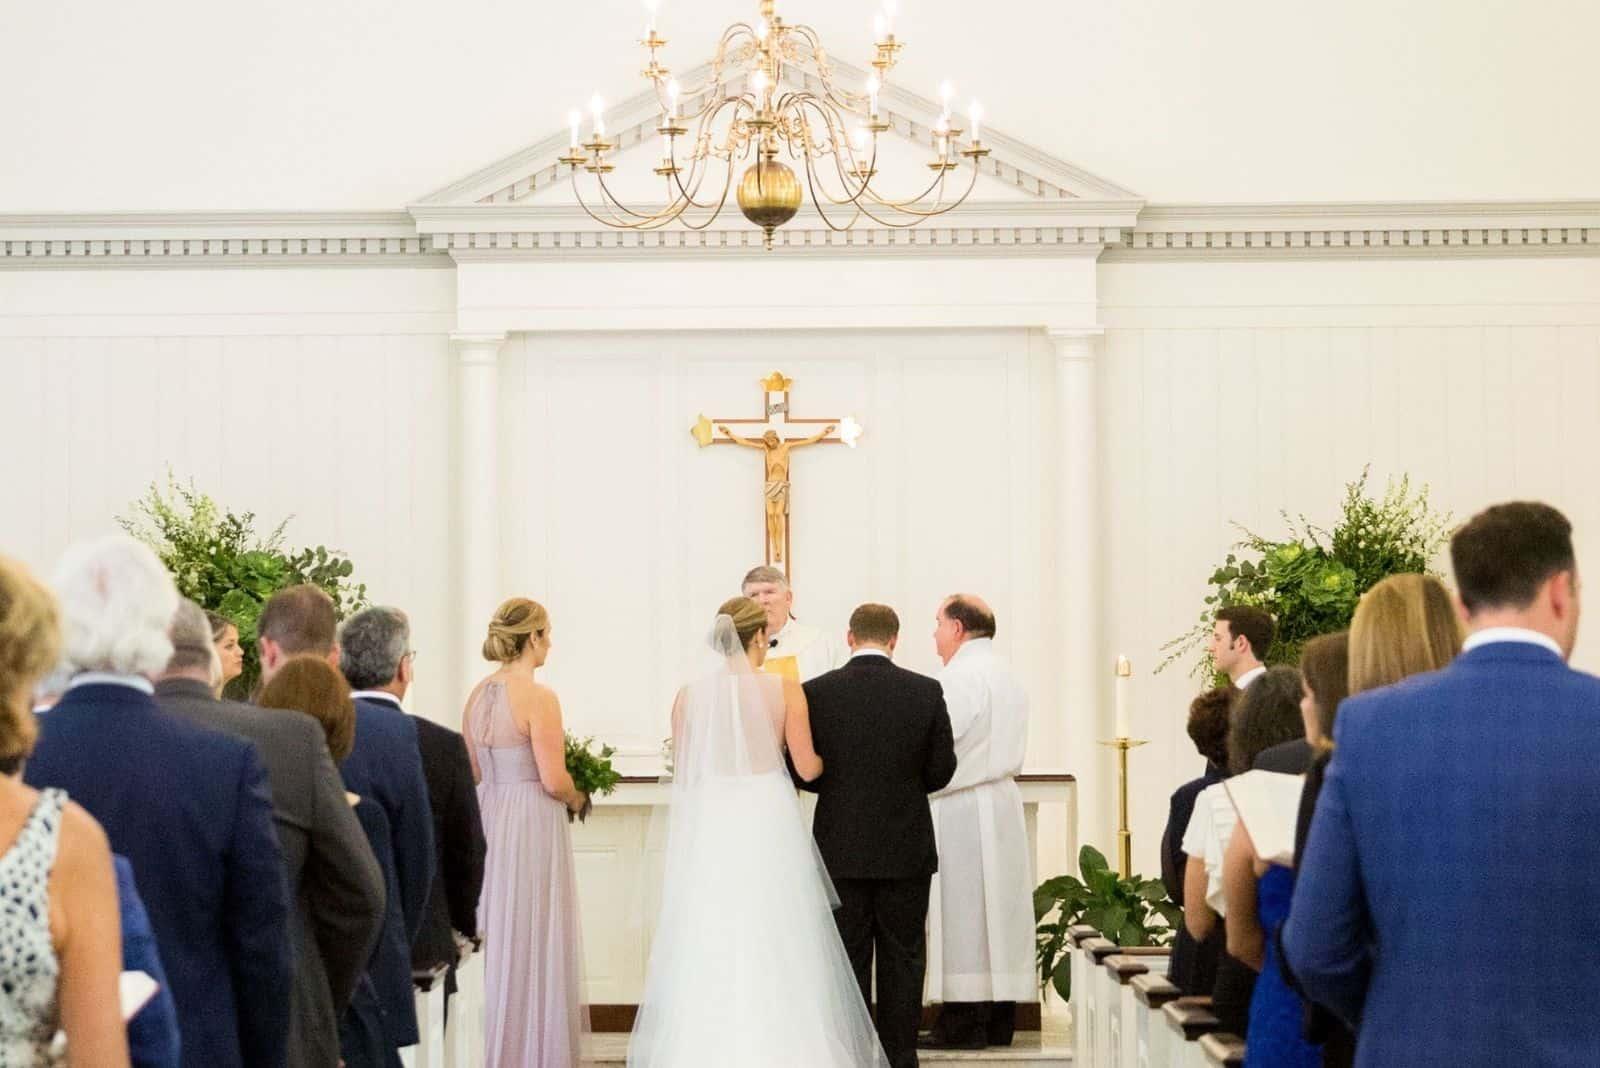 katholische Hochzeit in der Kirche